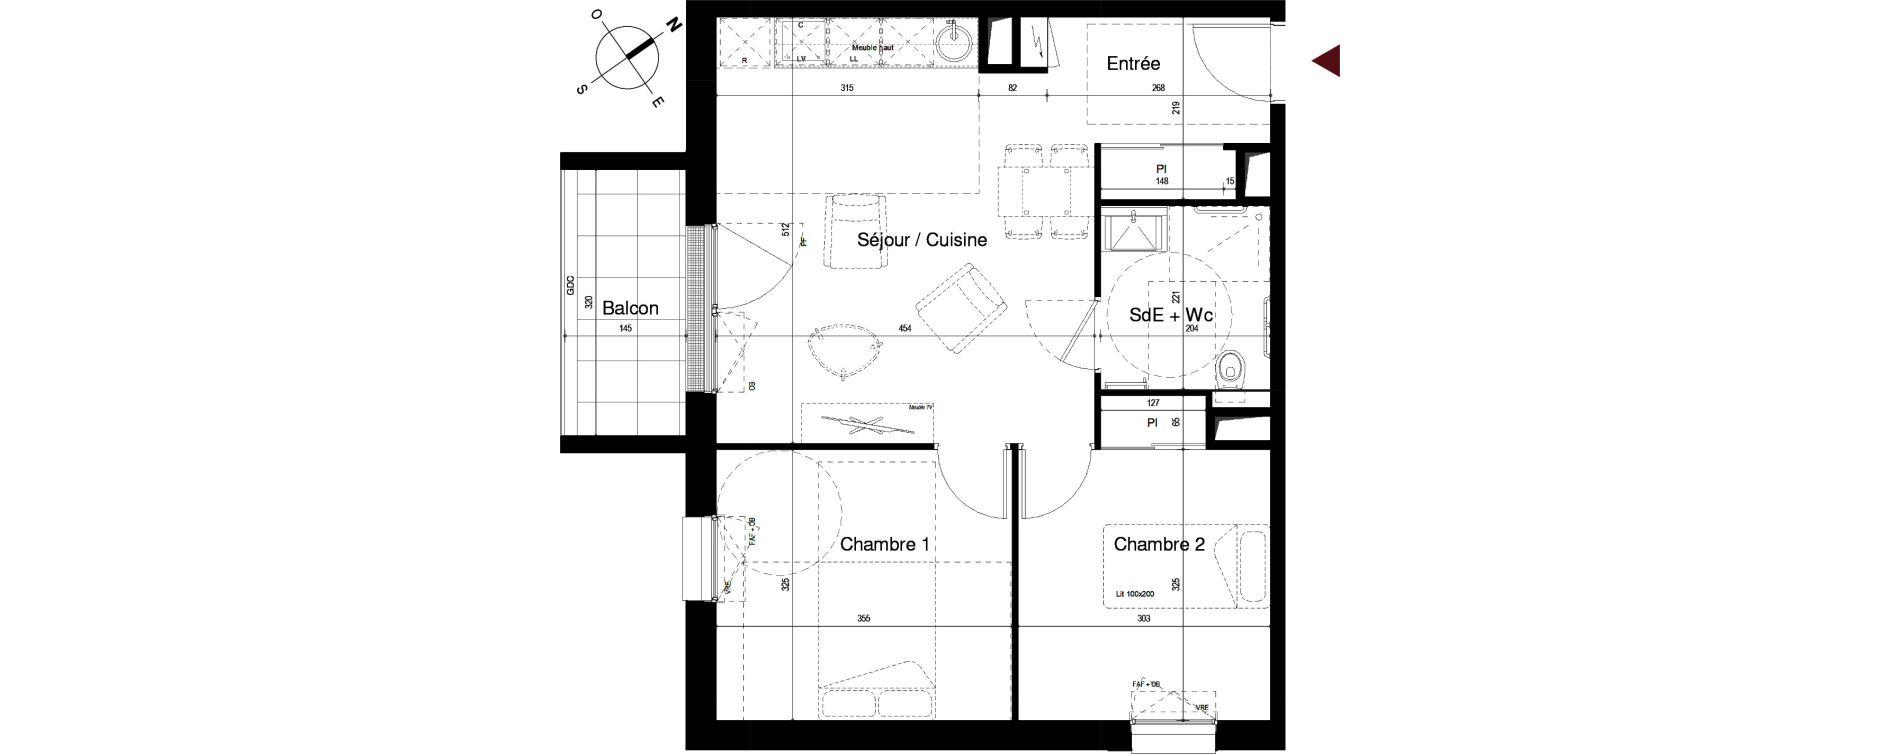 Appartement T3 meublé de 53,71 m2 à Royan Centre